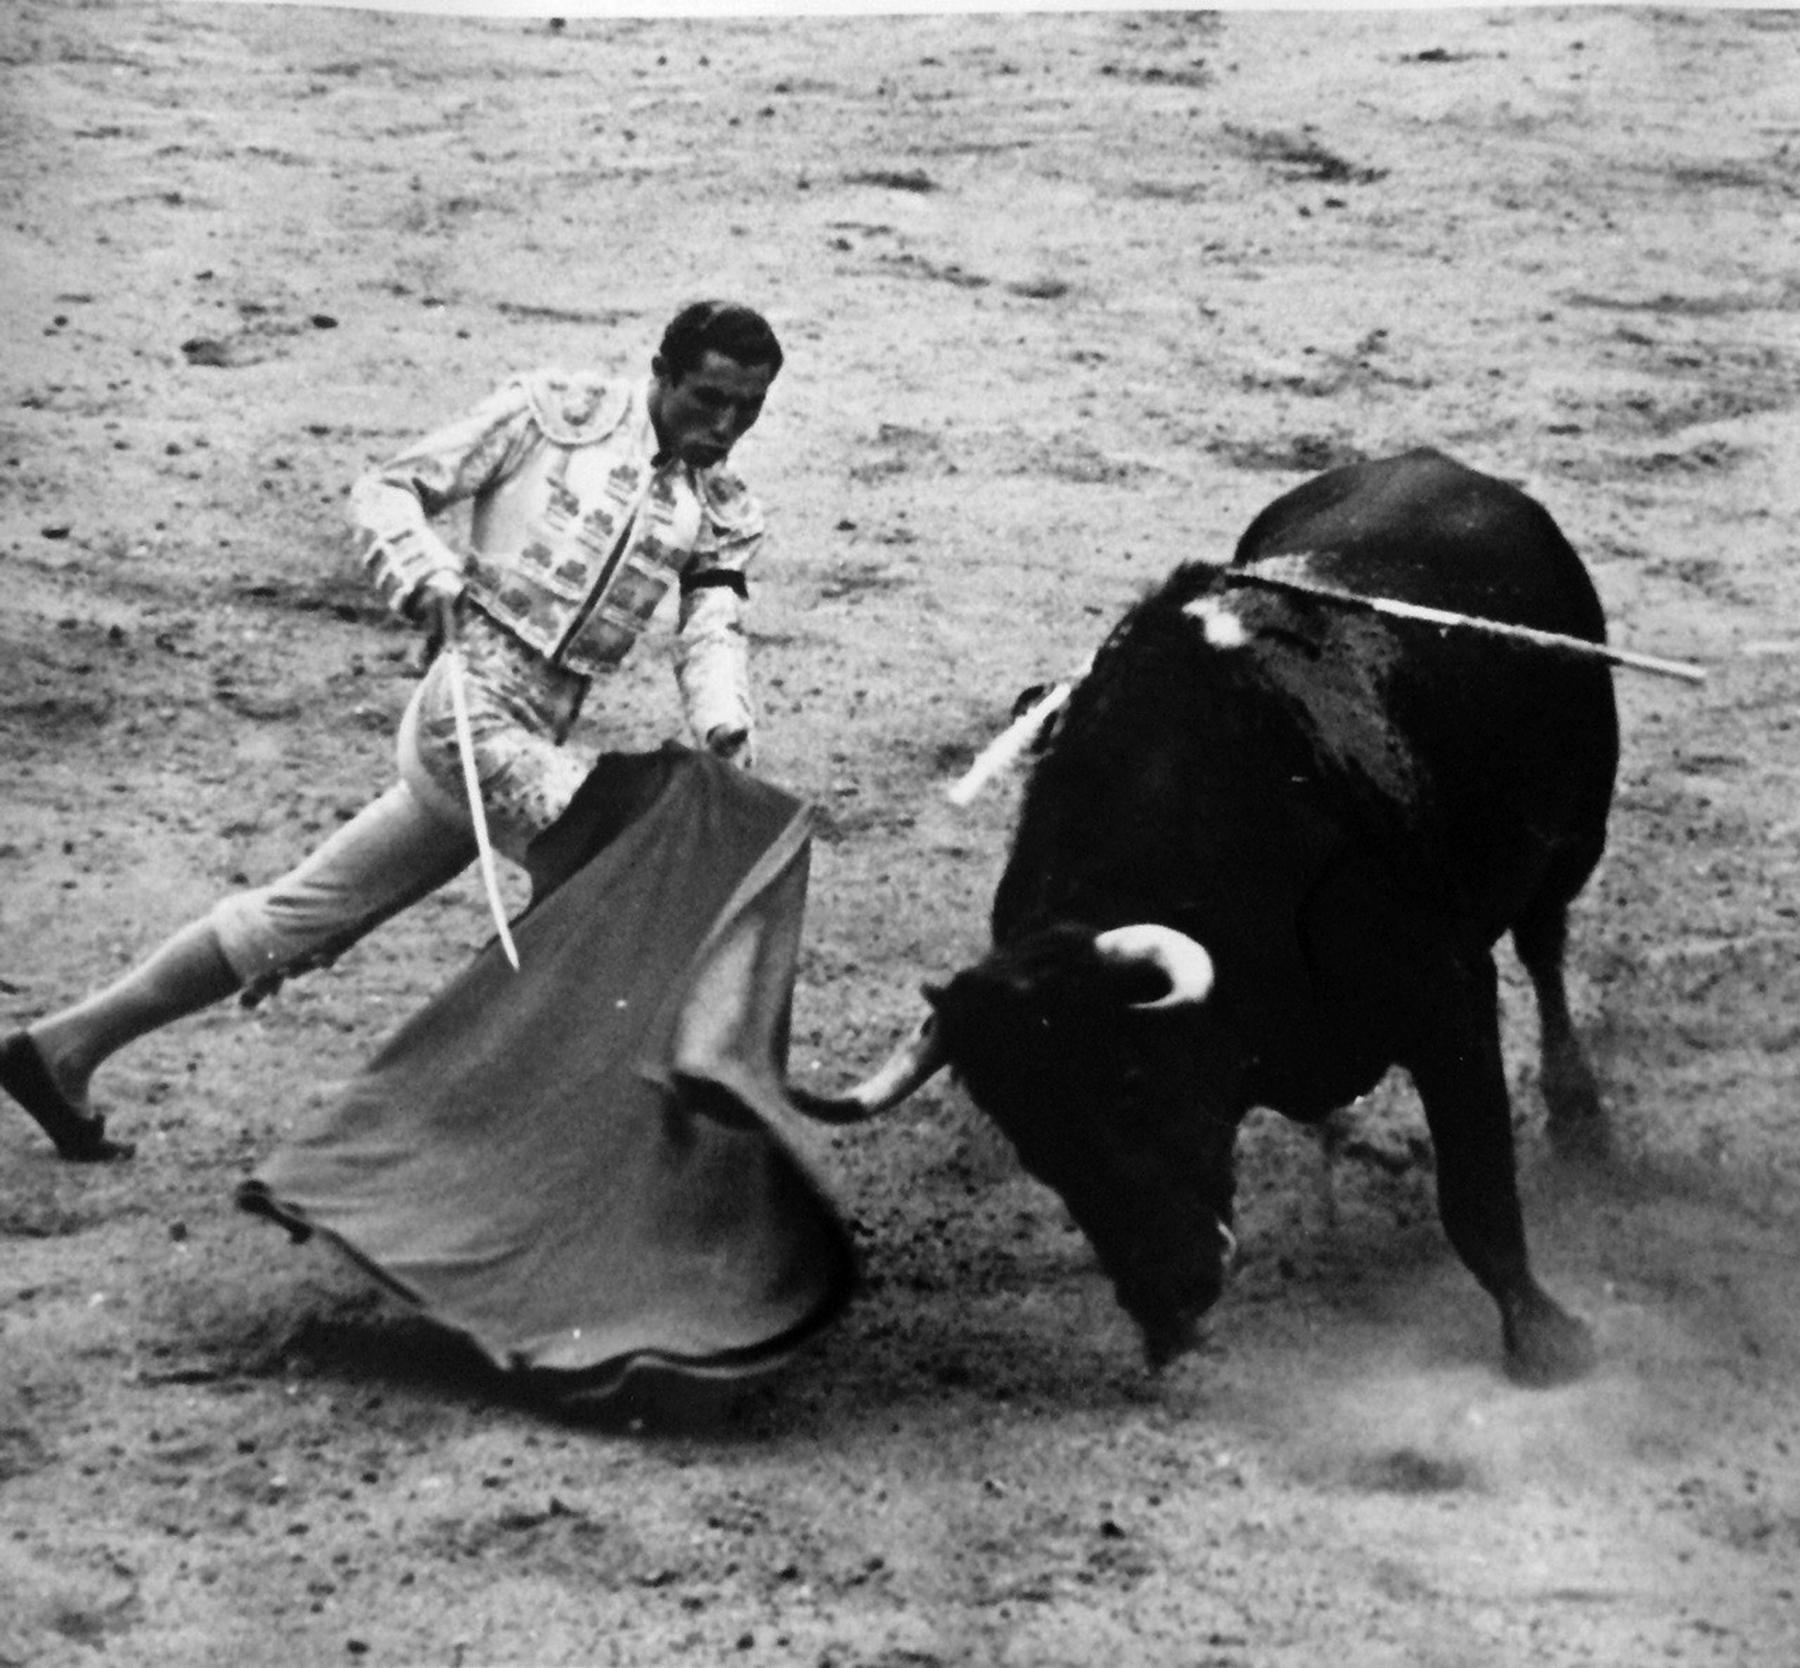 Matador and bull 2